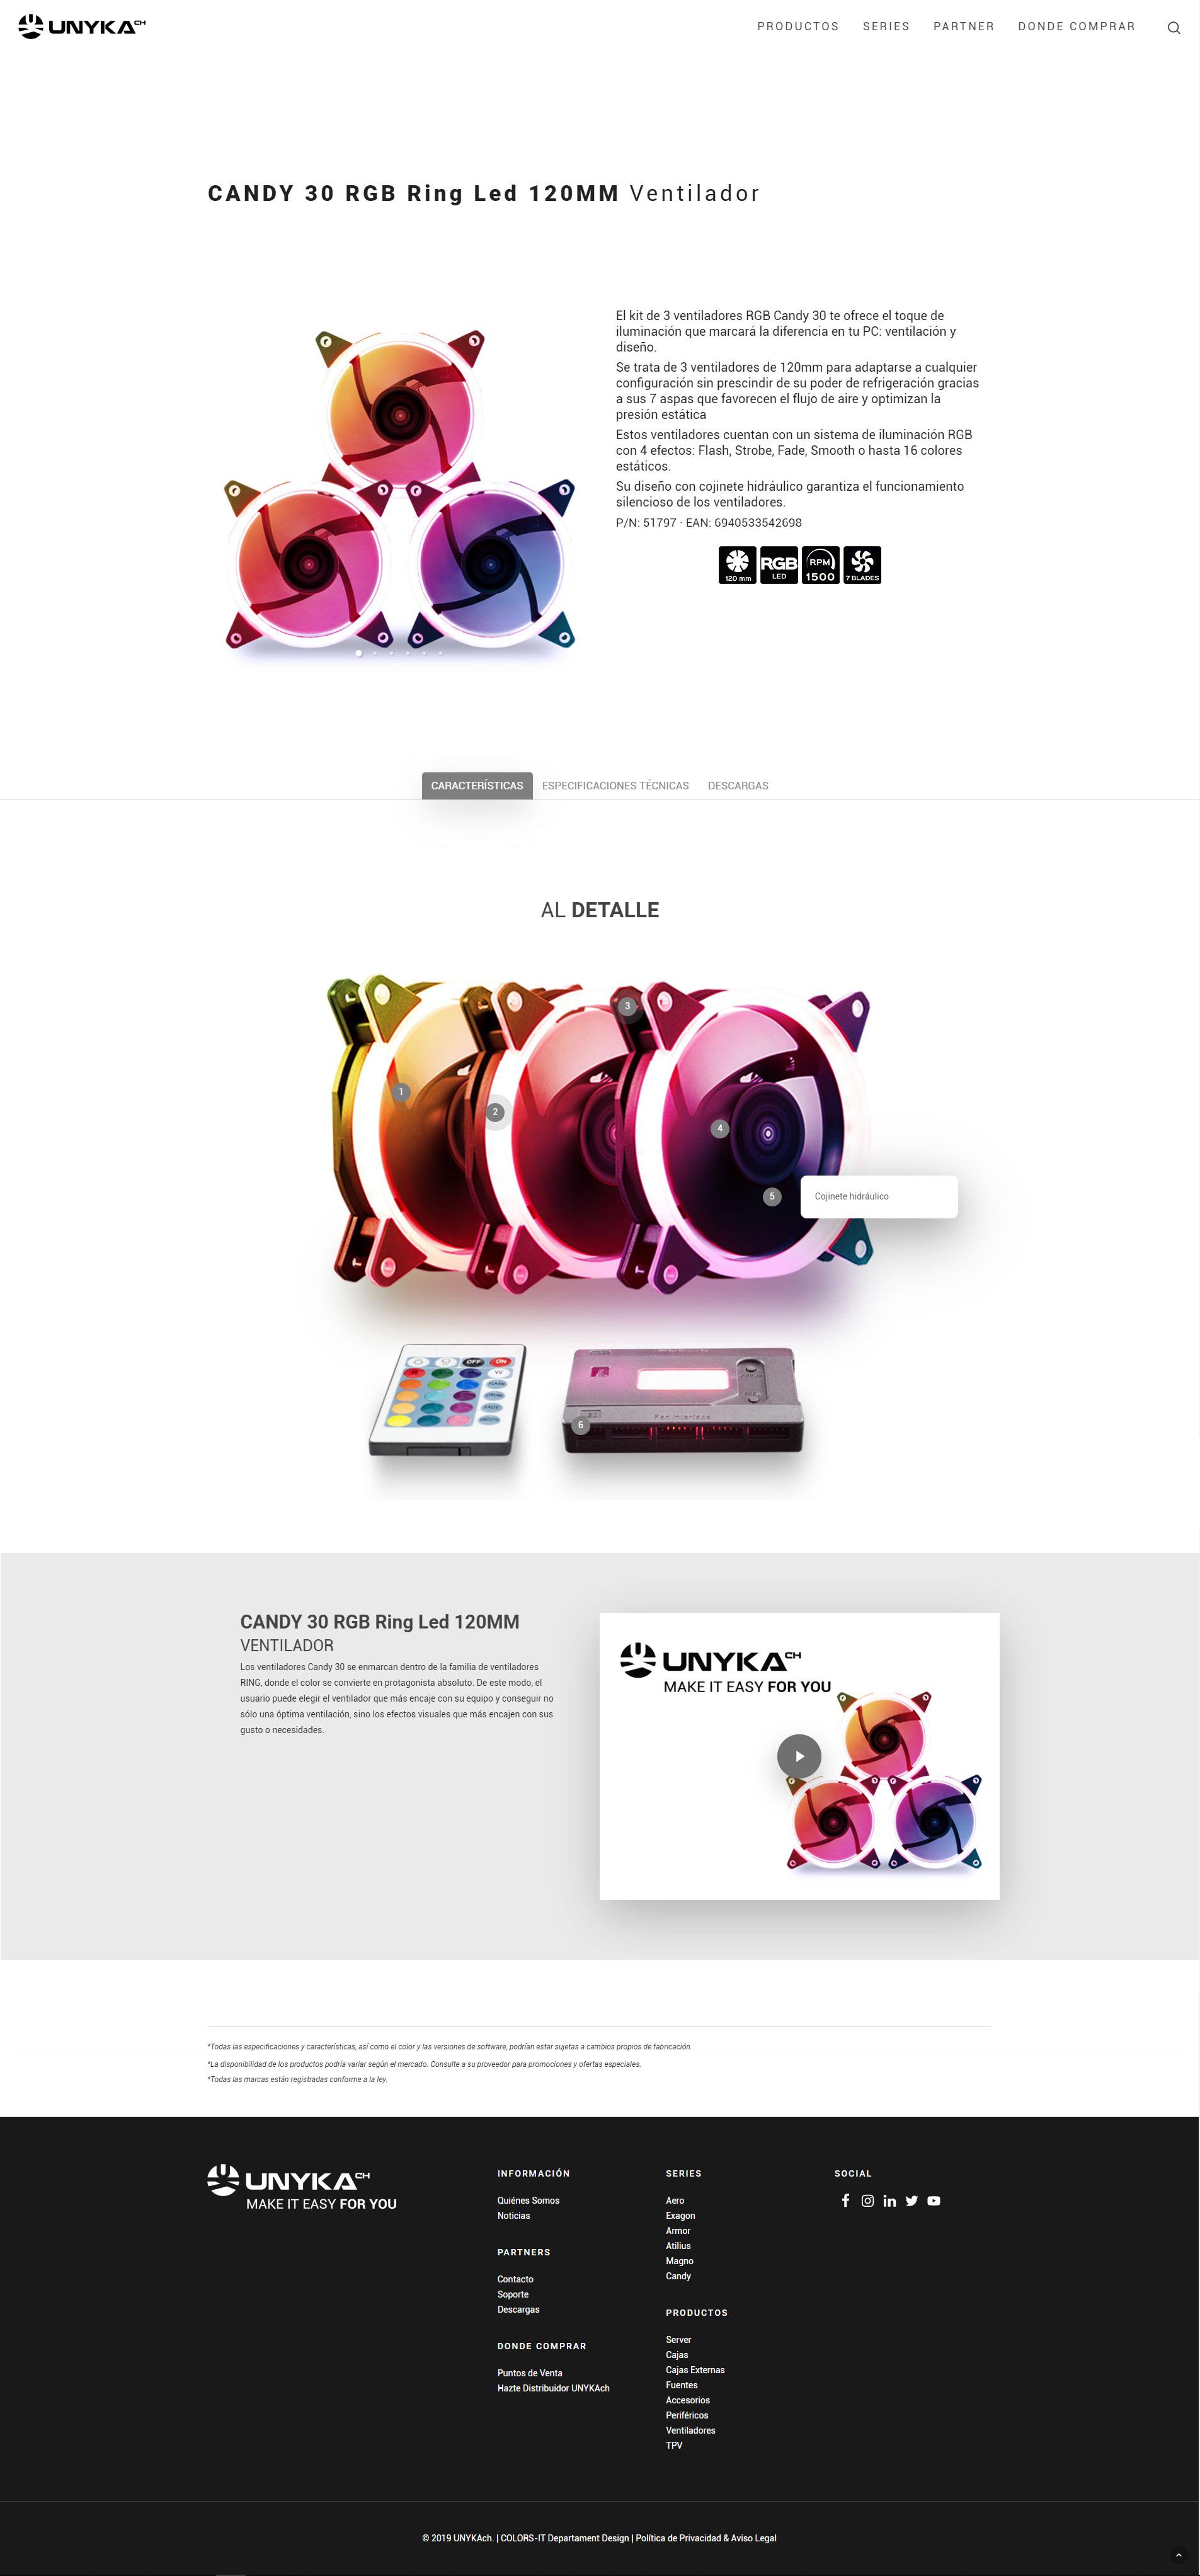 Unykach-2019-ventilador-candy30